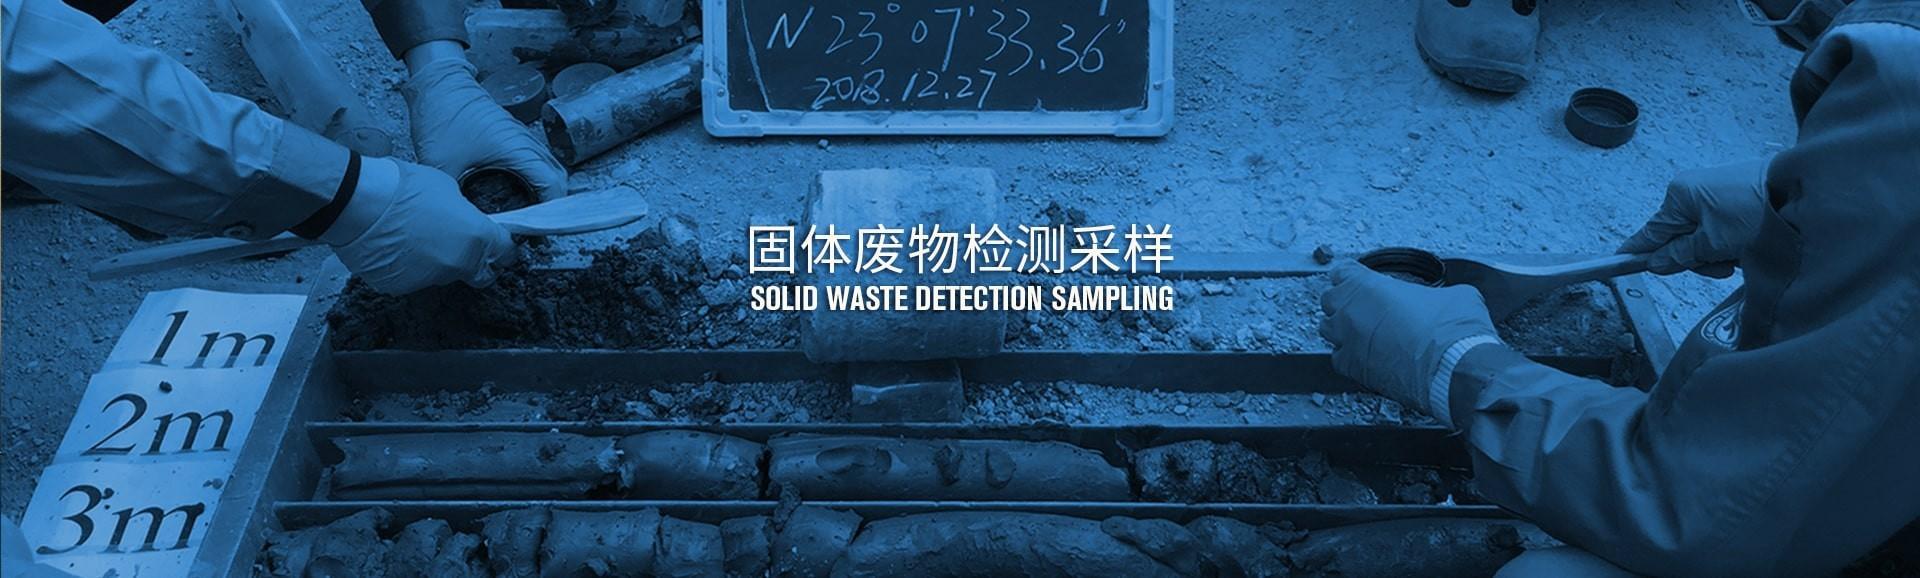 中科检测技术服务(广州)股份有限公司